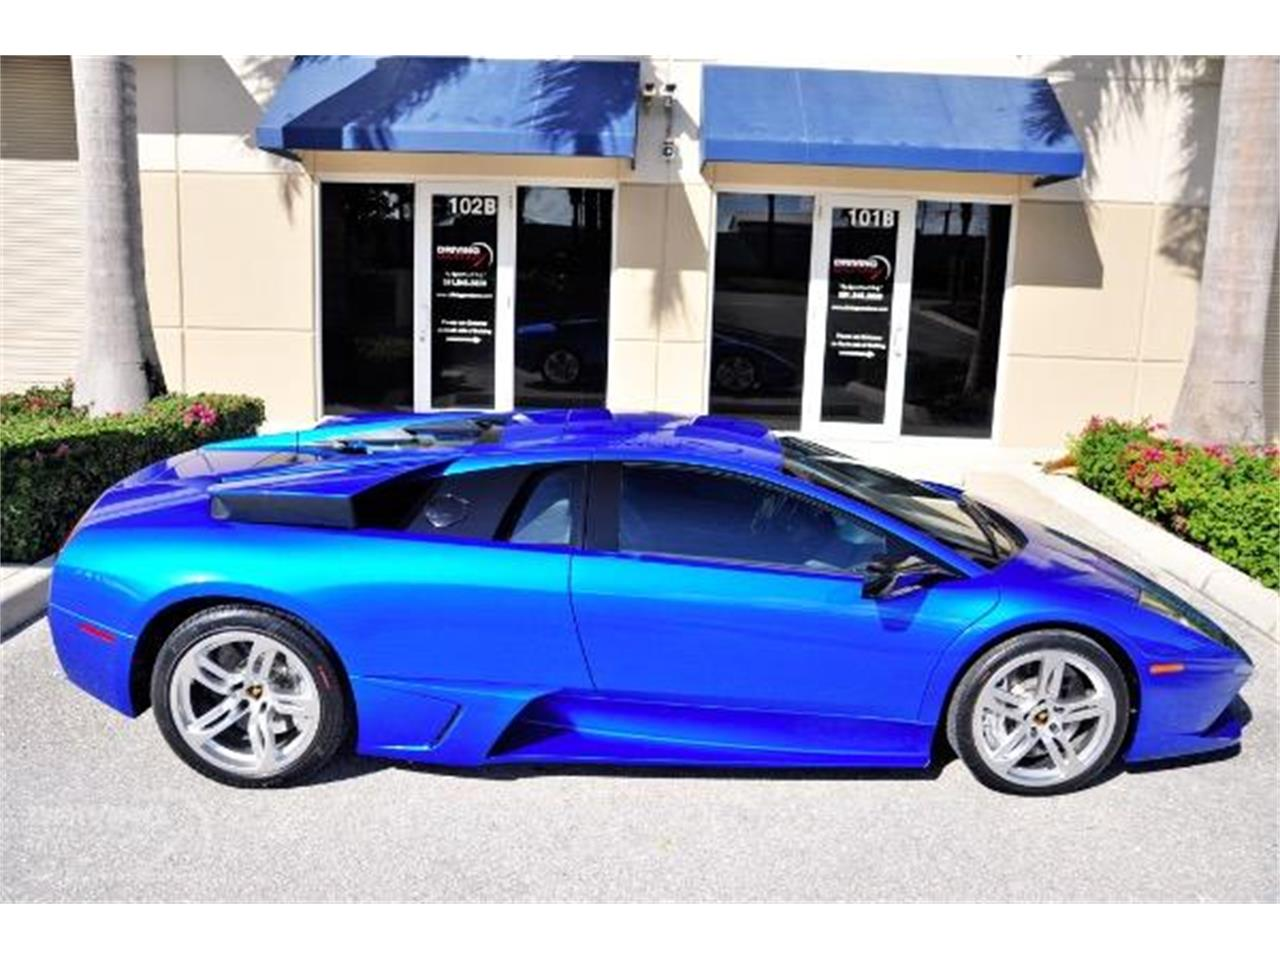 Large Picture of '08 Lamborghini Murcielago located in Florida - $289,900.00 - QQLZ